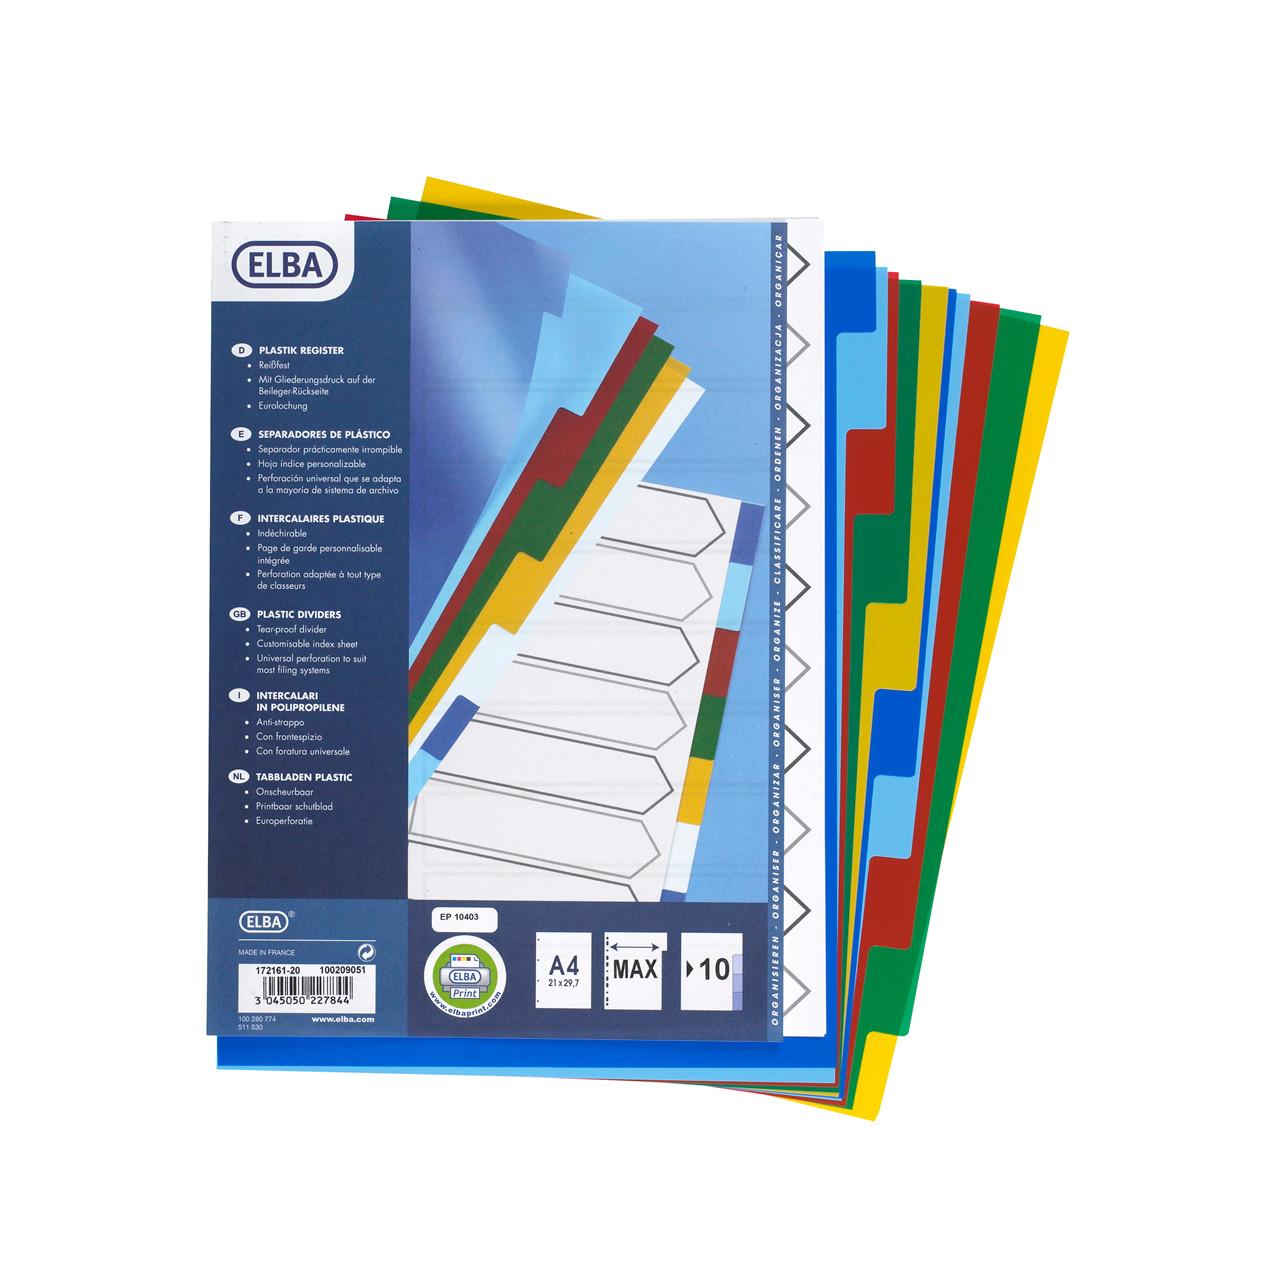 Faneblade 1-10 Elba A4 Maxi - farvede faner i plast og hvid kartonforside -  Køb billigt på Grafical. 76236cdc1c9d2